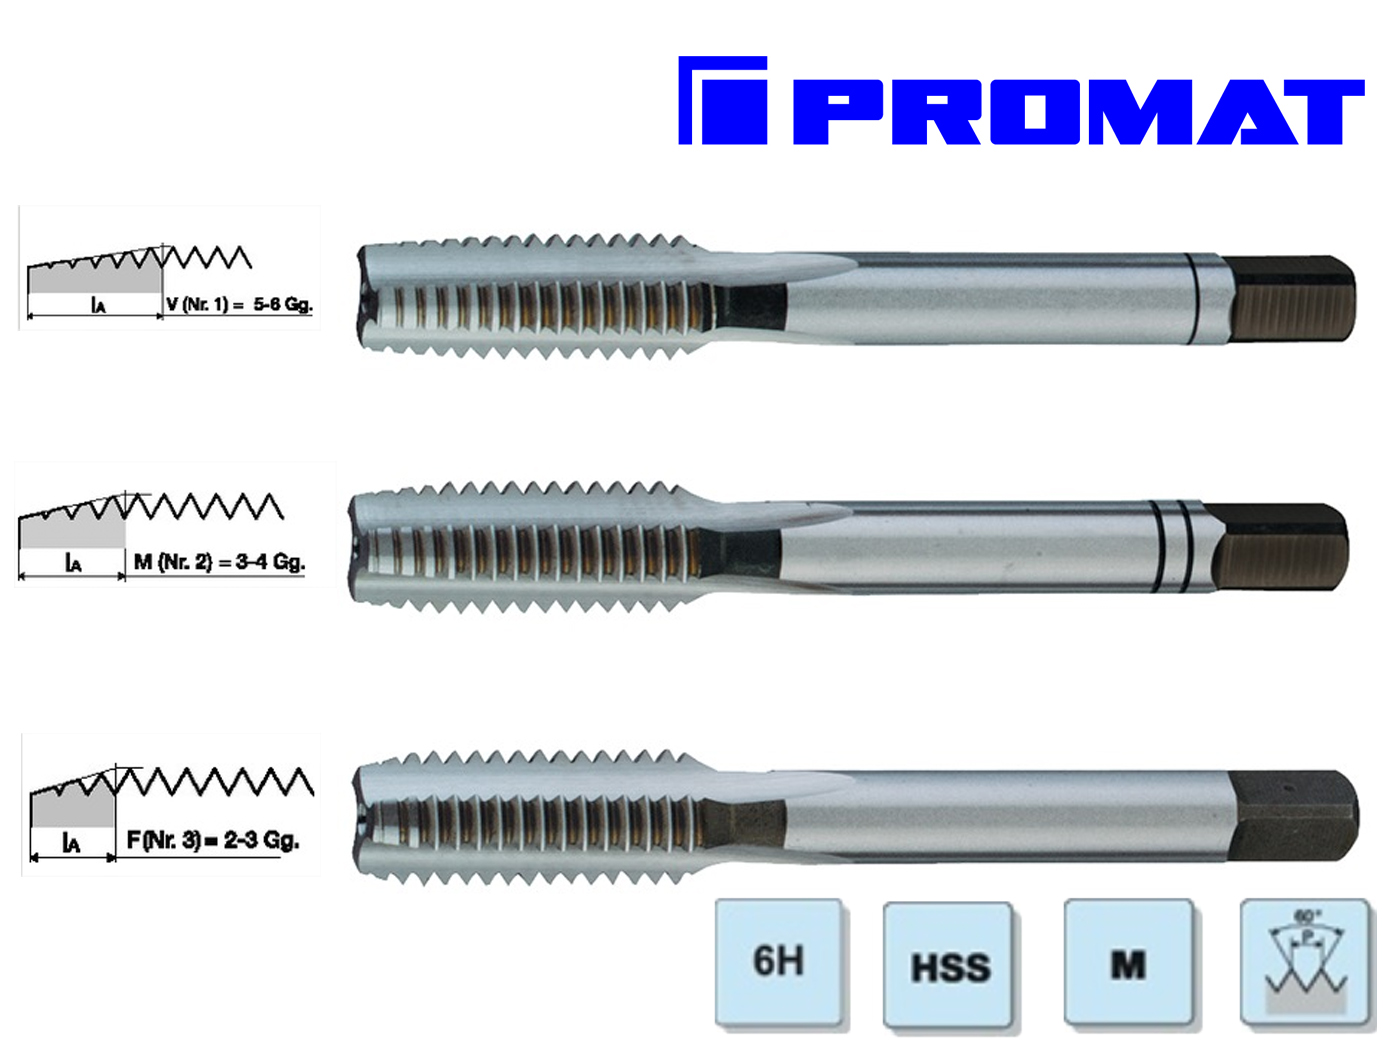 Handtappenset M 7 x 1,0 DIN 352 HSS